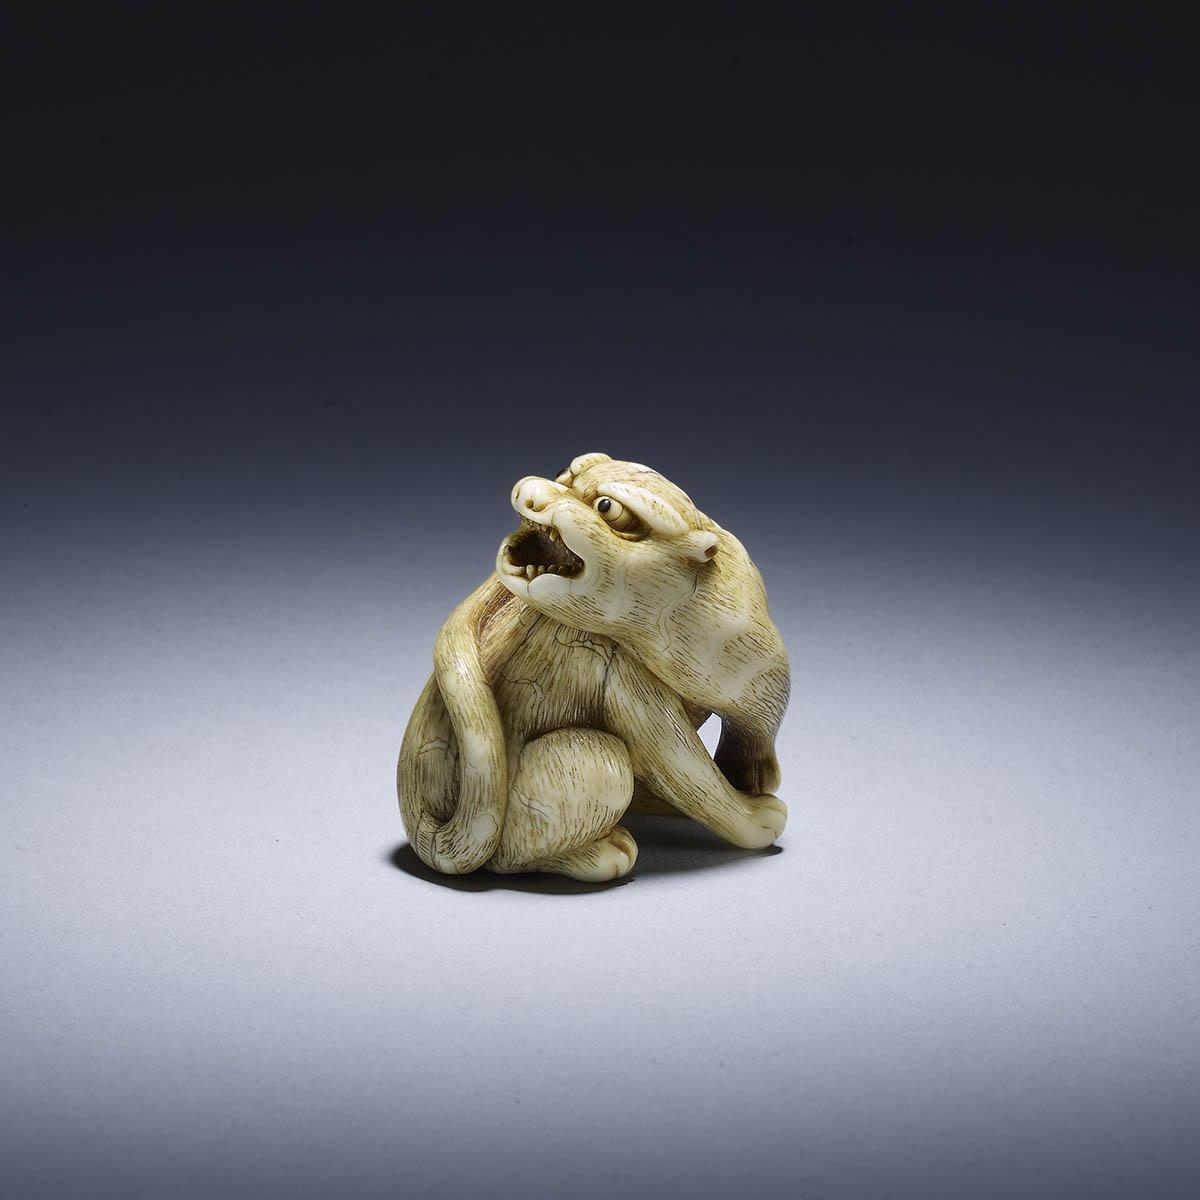 Mitsushige, Ivory netsuke of a tiger